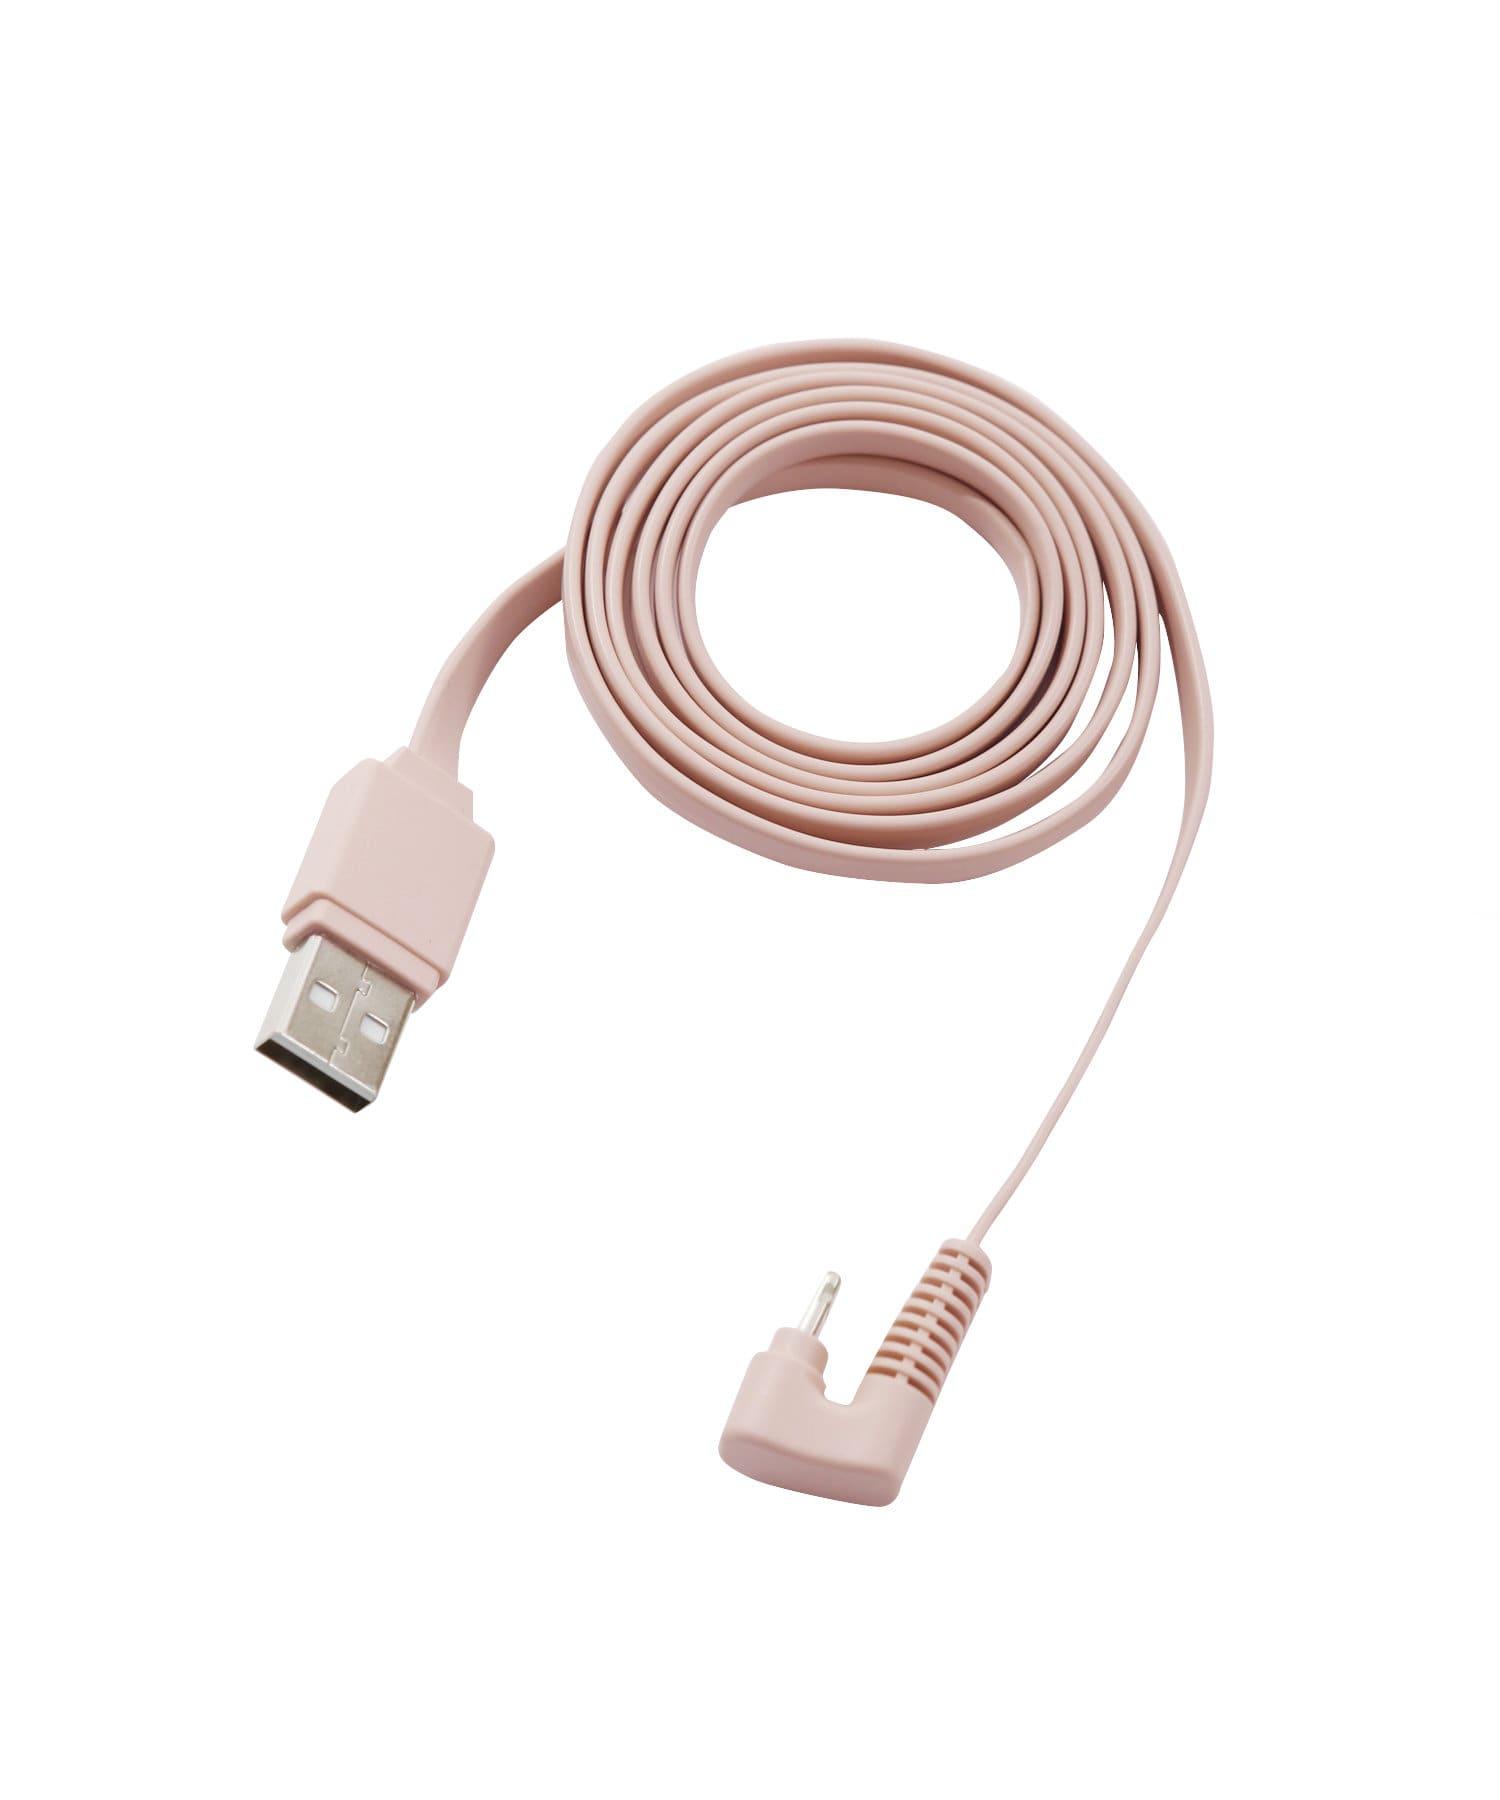 3COINS(スリーコインズ) ライフスタイル 【丈夫でしなやか】U字ライトニング用+マイクロUSB用ケーブル ピンク